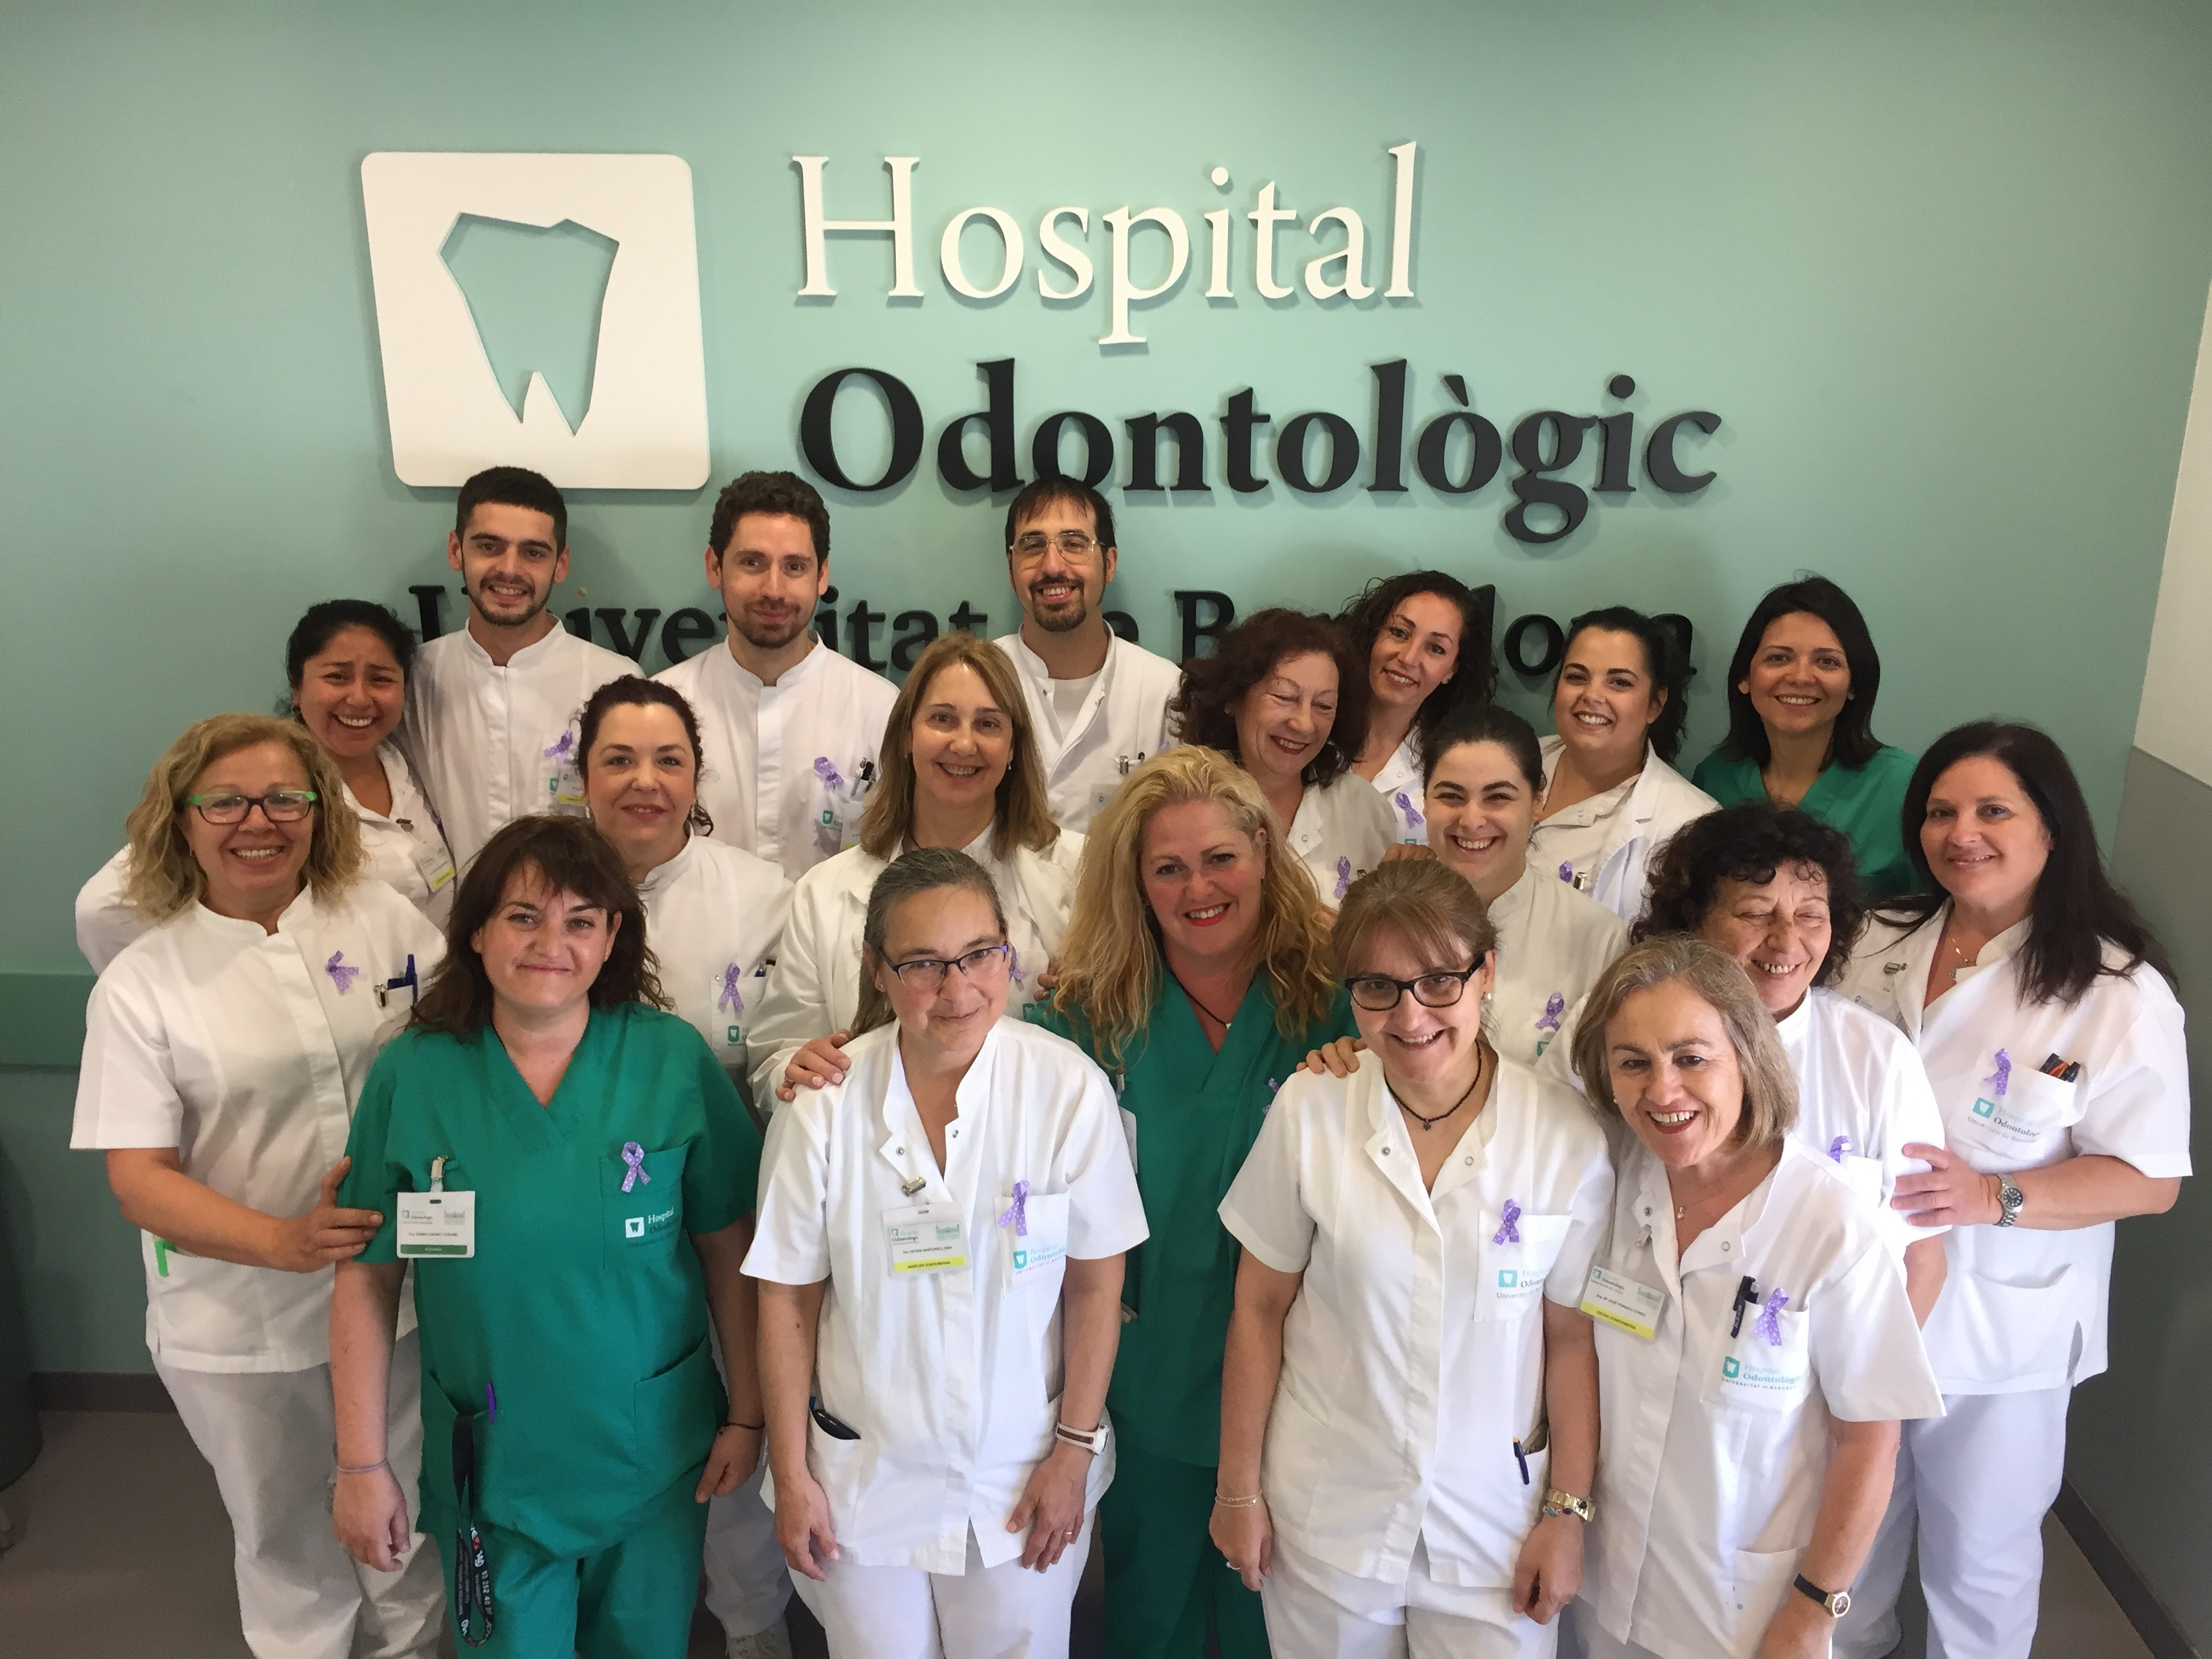 El Hospital Odontològic Universitat de Barcelona celebra el dia europeu contra el cáncer oral